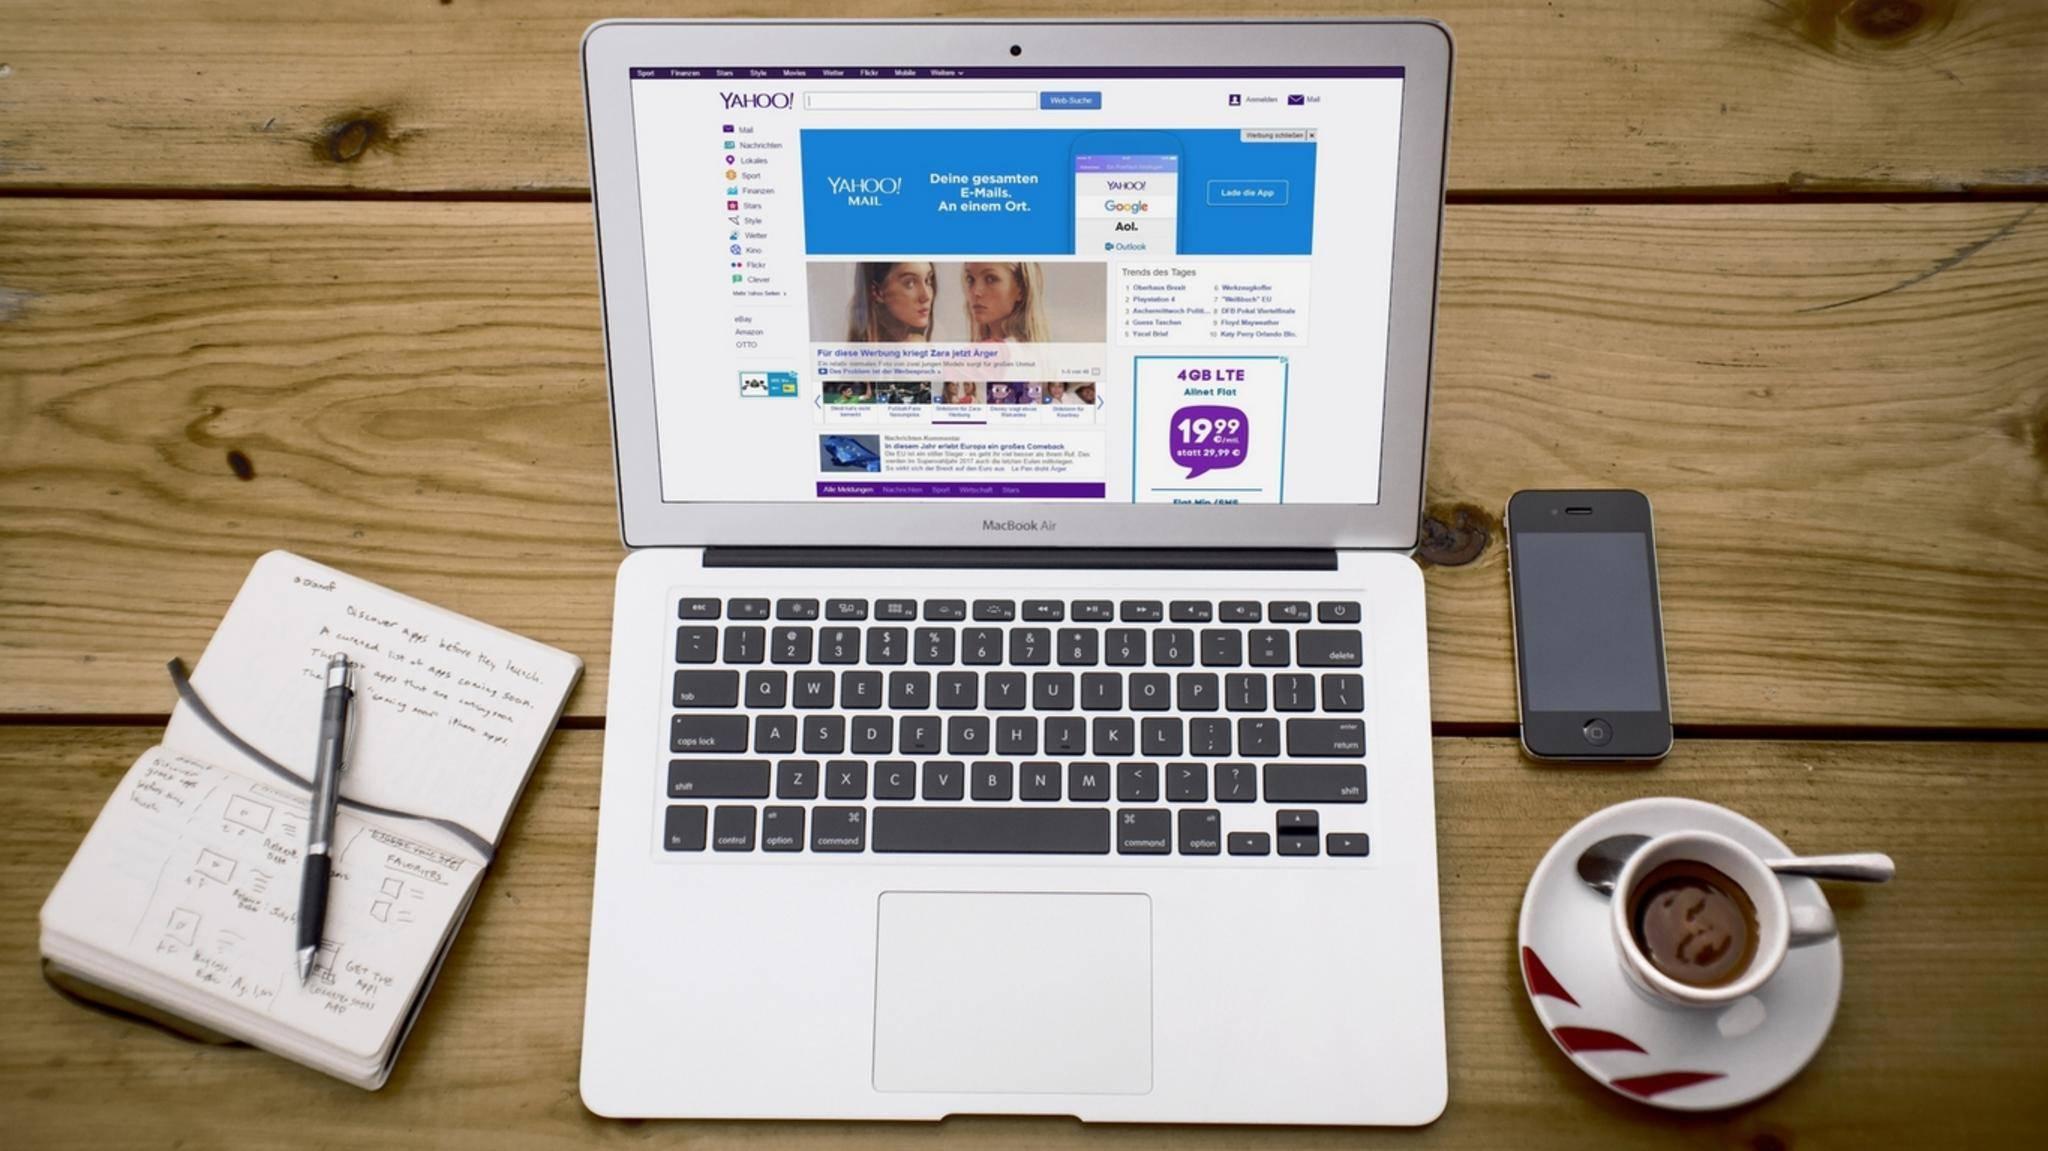 Auch bei Yahoo bekommst Du ein kostenloses Mail-Konto.